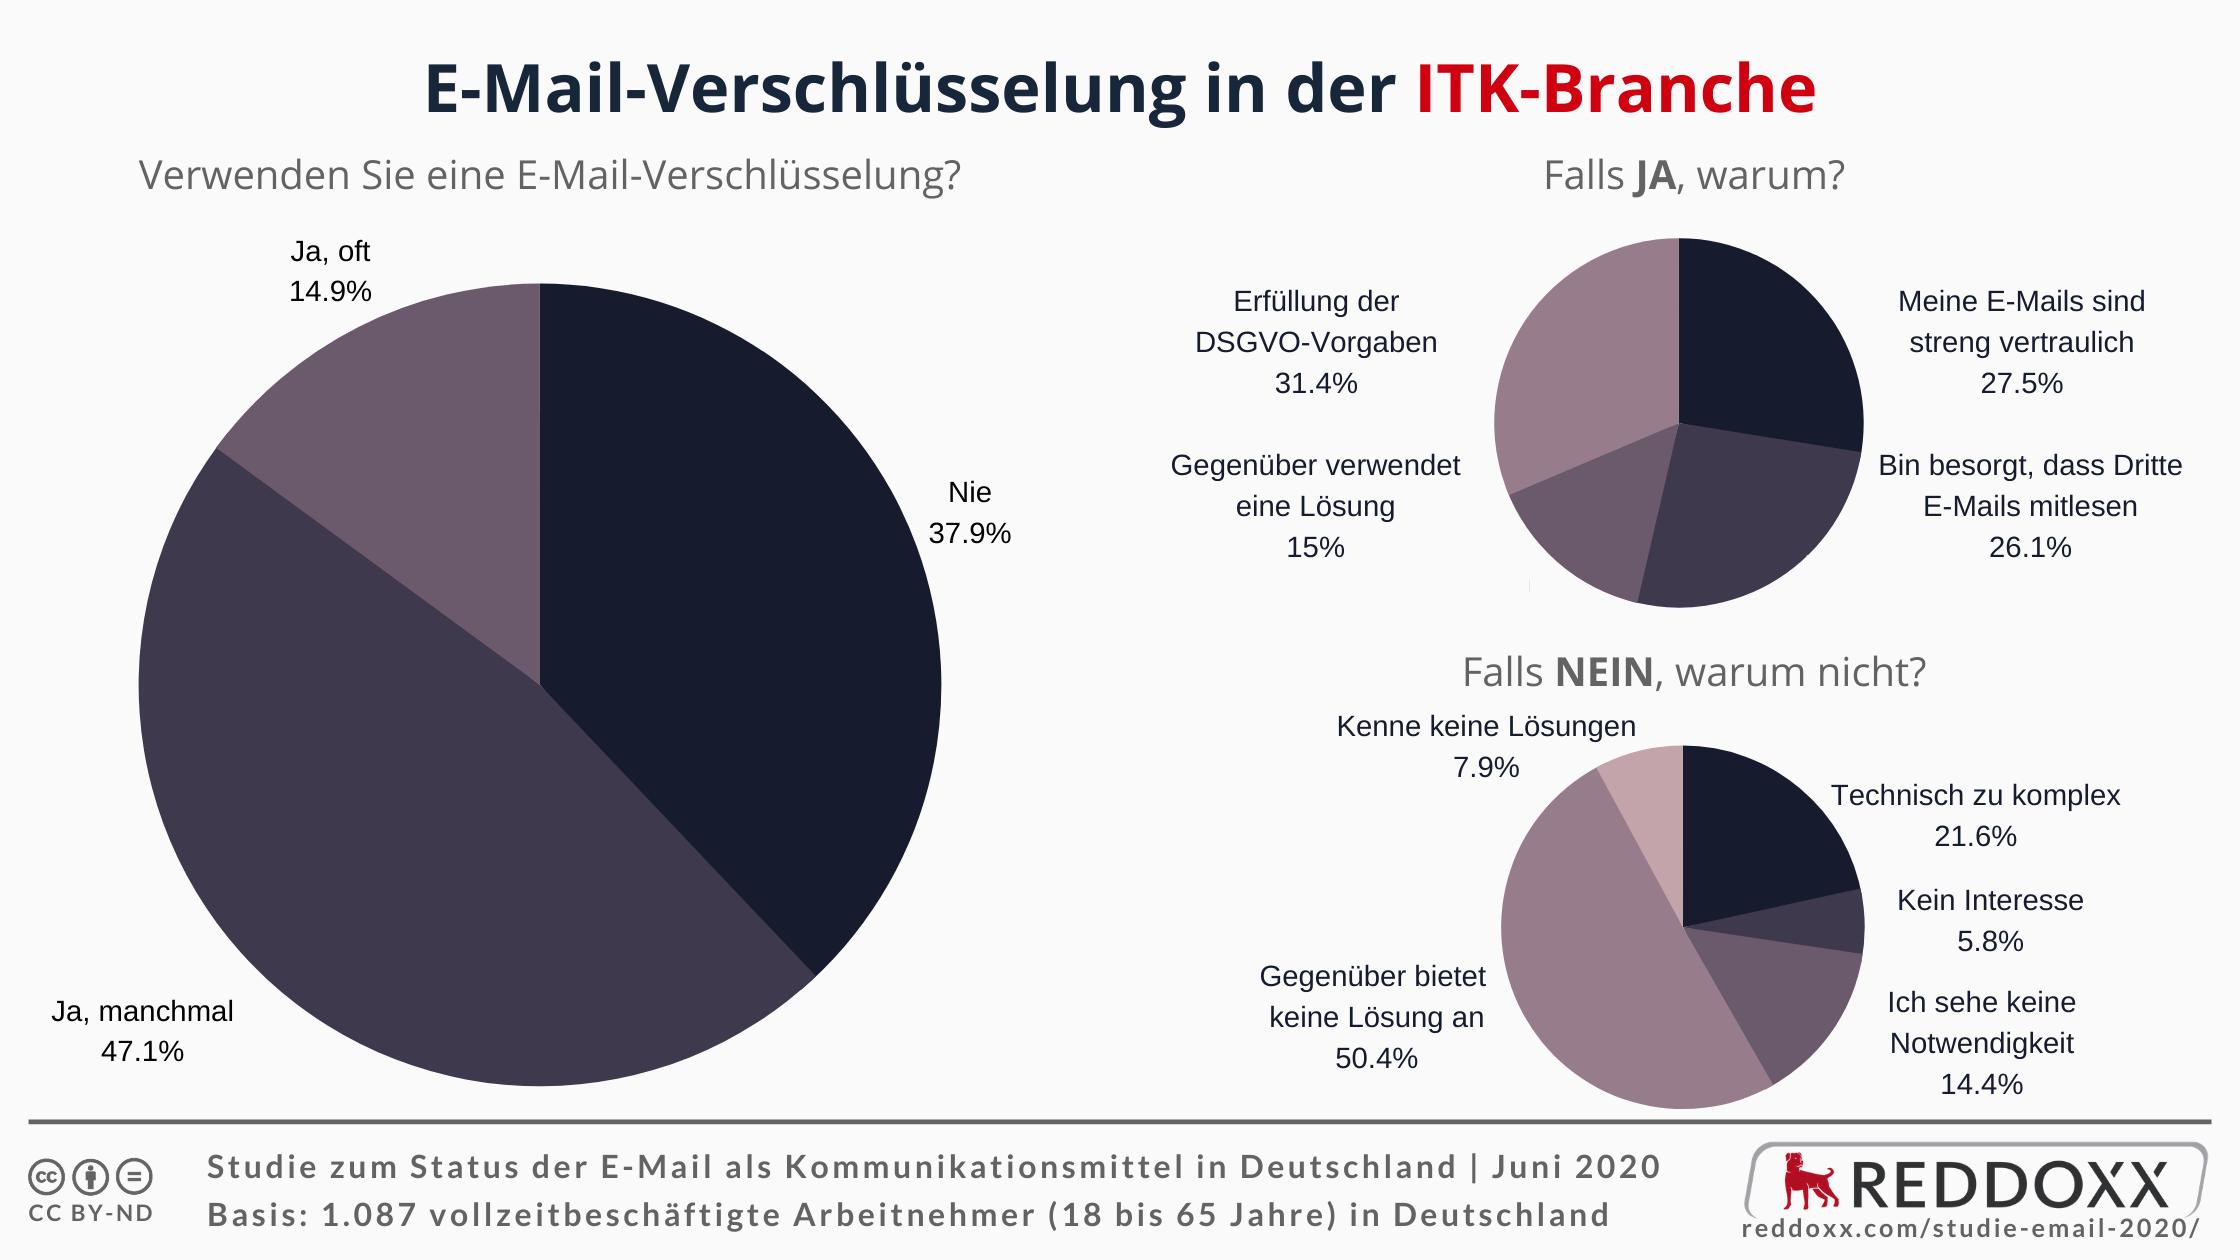 E-Mail-Verschlüsselung in der ITK-Branche